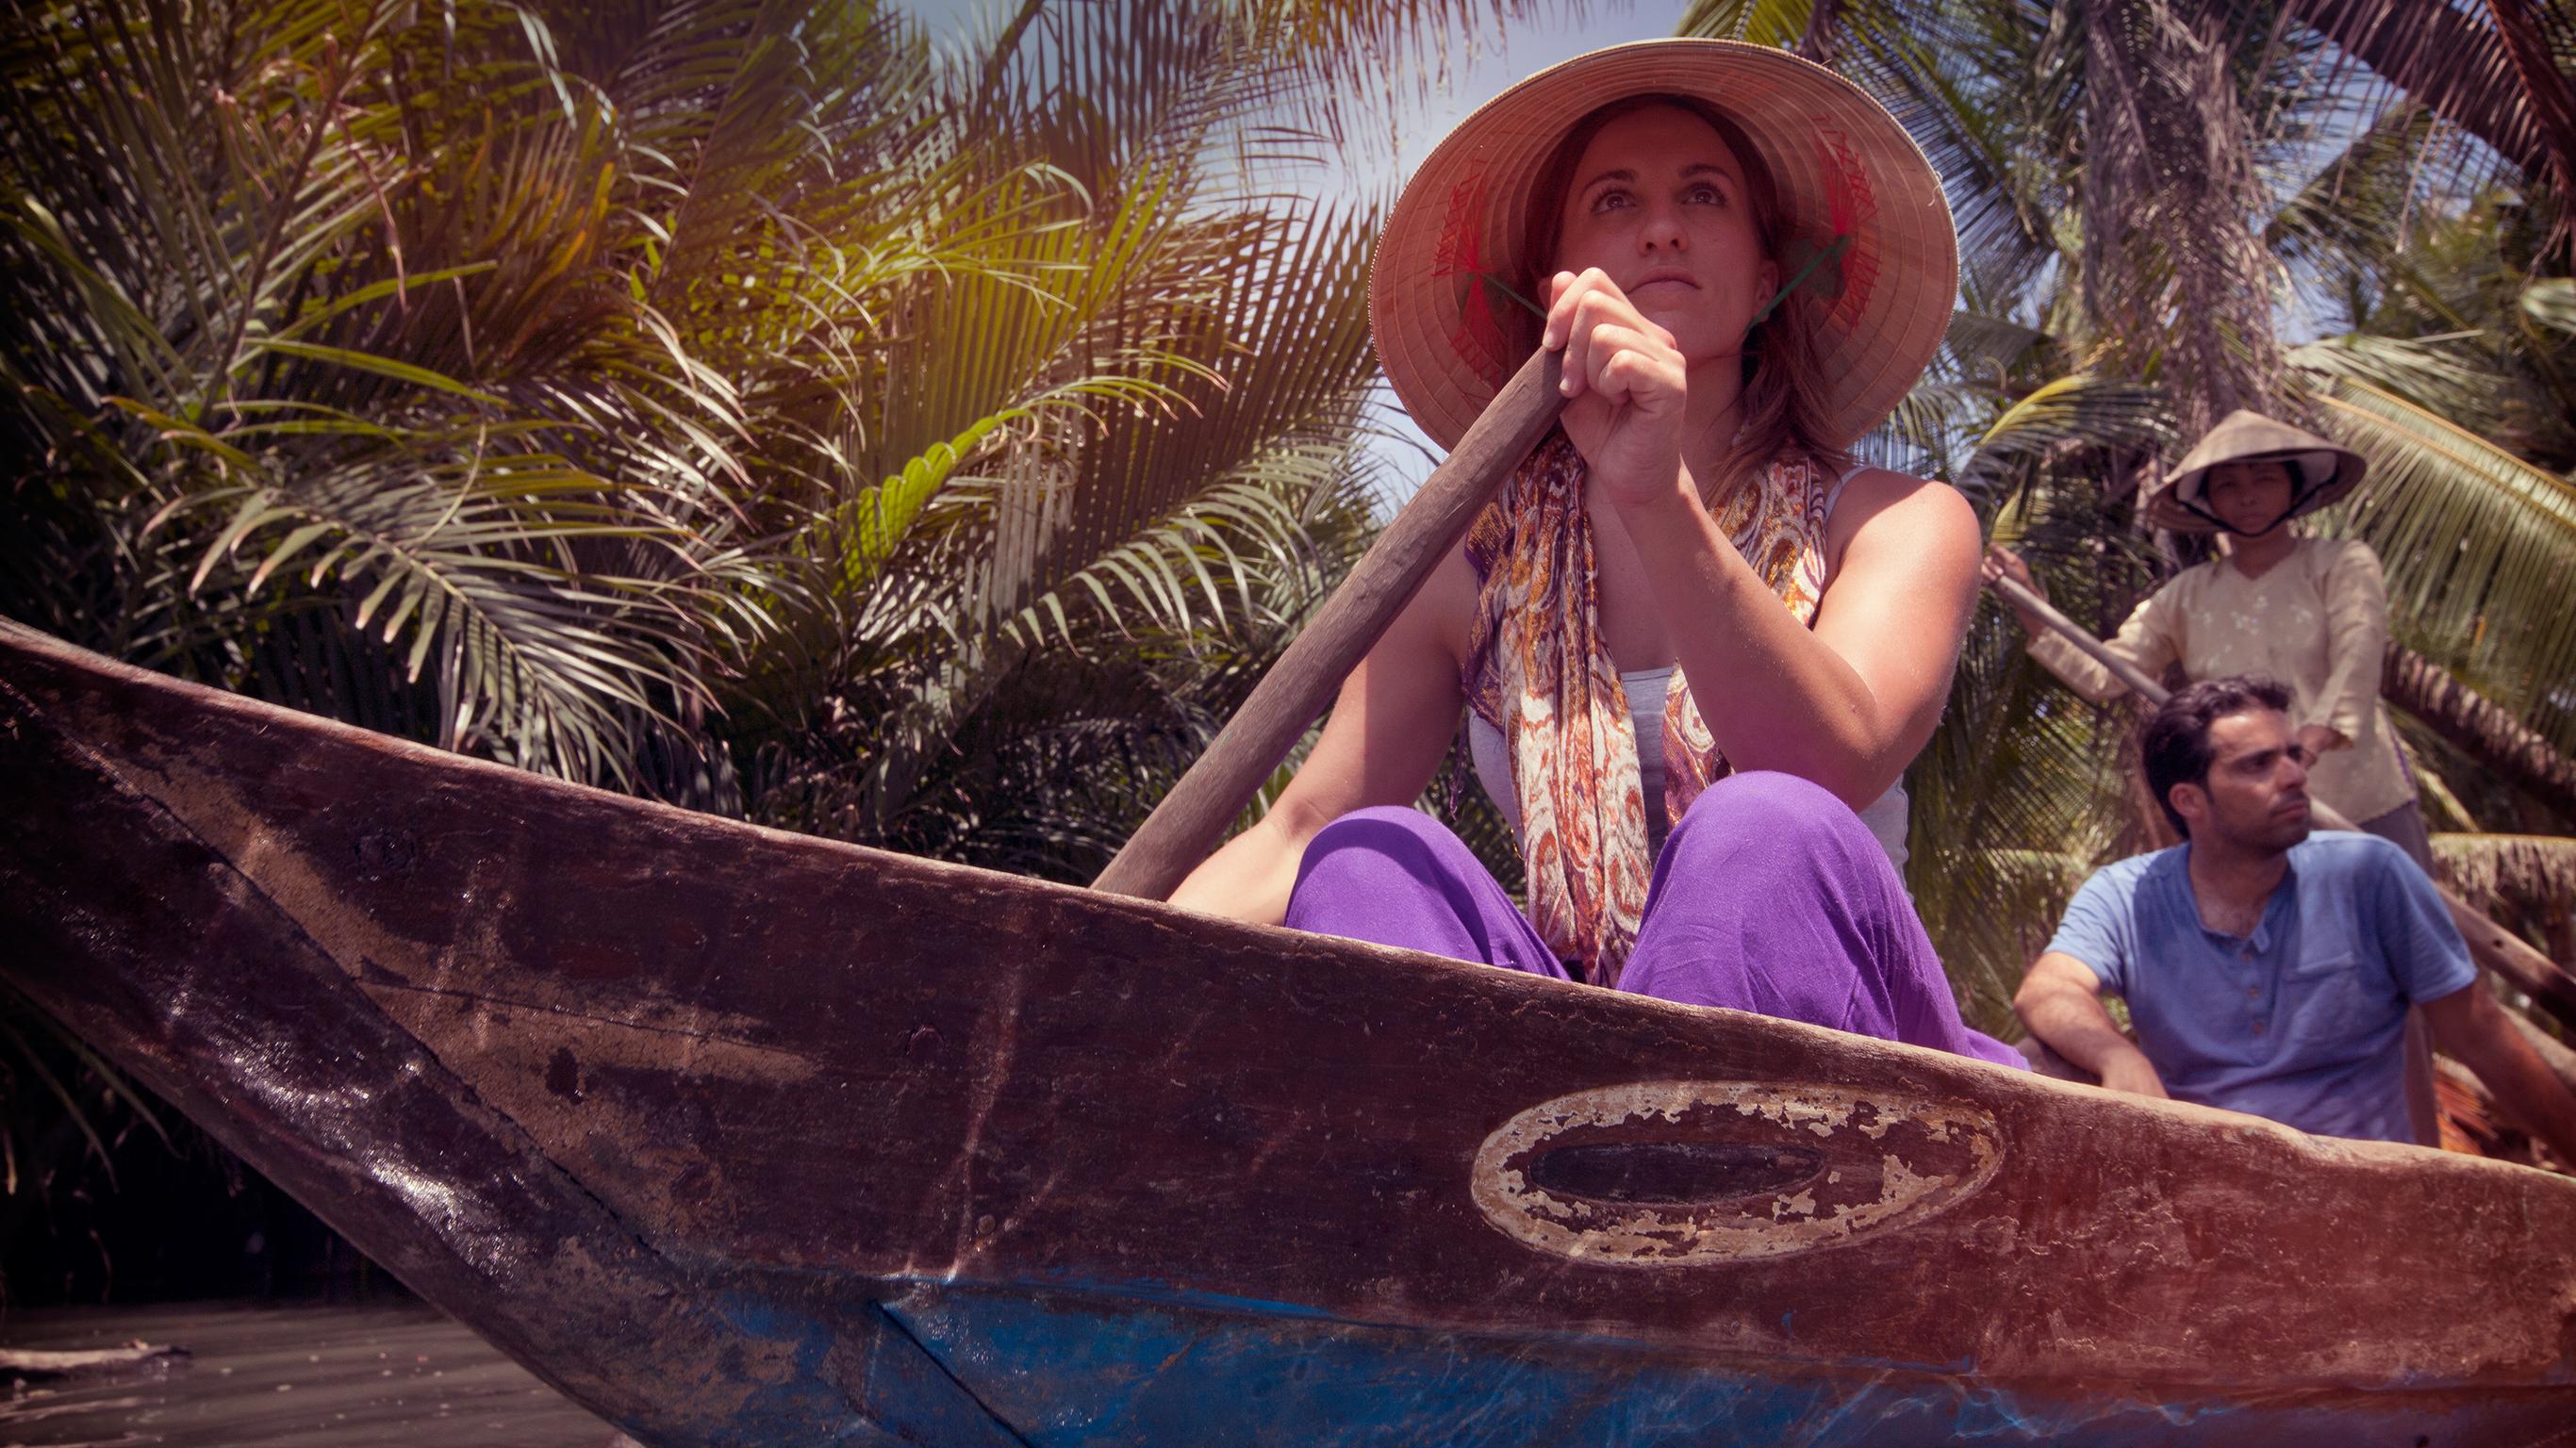 thailand-laos-vietnam-adventure